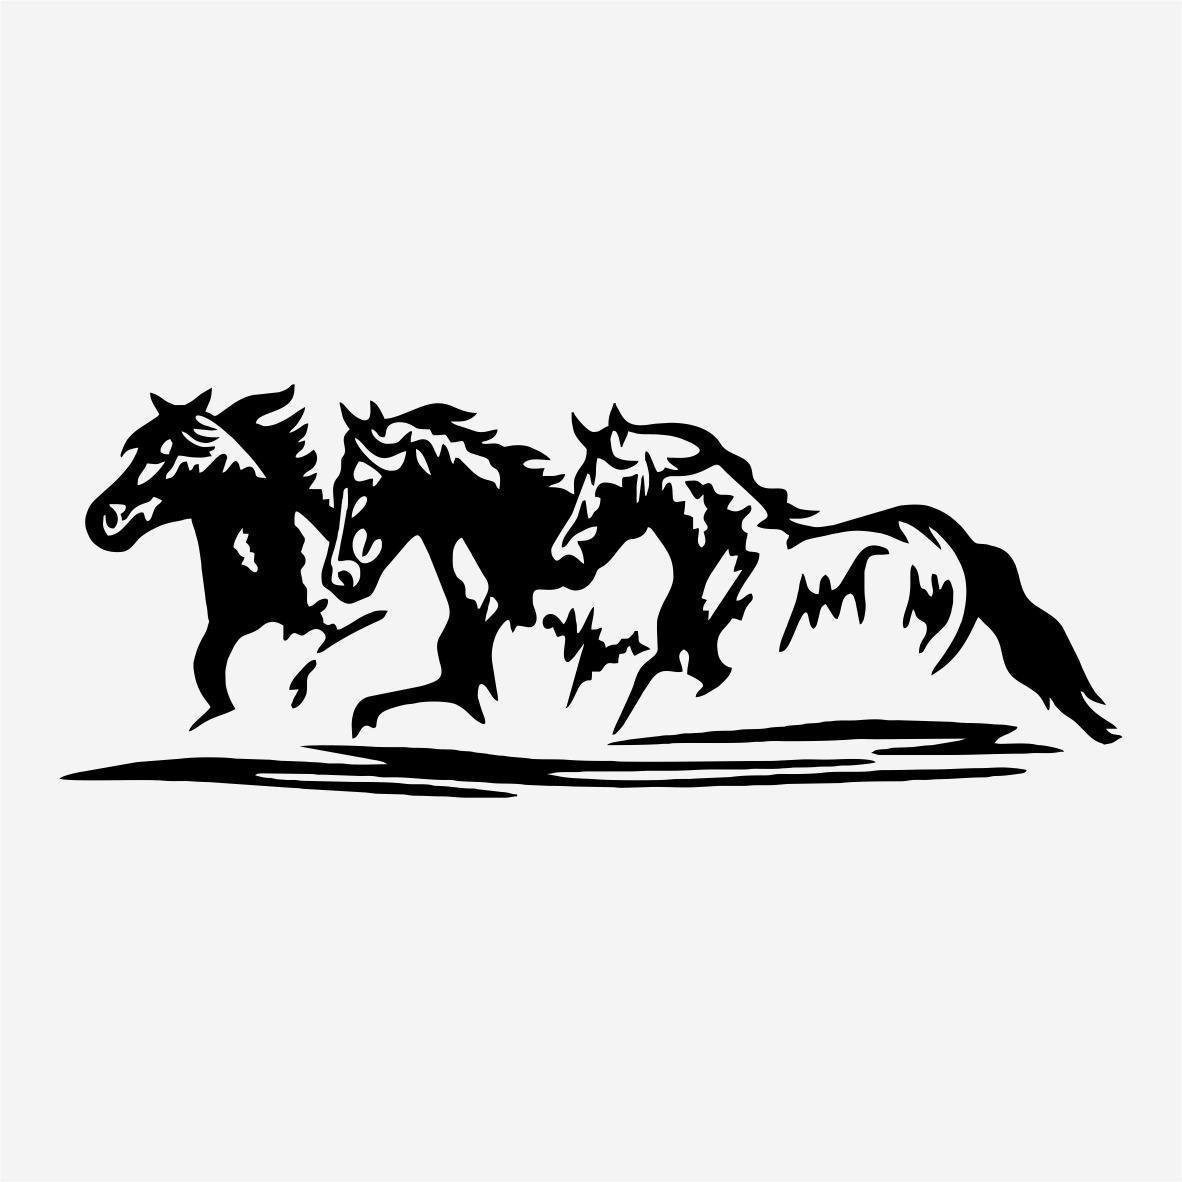 Adesivo Decorativo Trio 3 Cavalos Hipismo Animais 120cm A666 R 23  -> Fts De Cavalo Rm Adesivo Pra Quarto